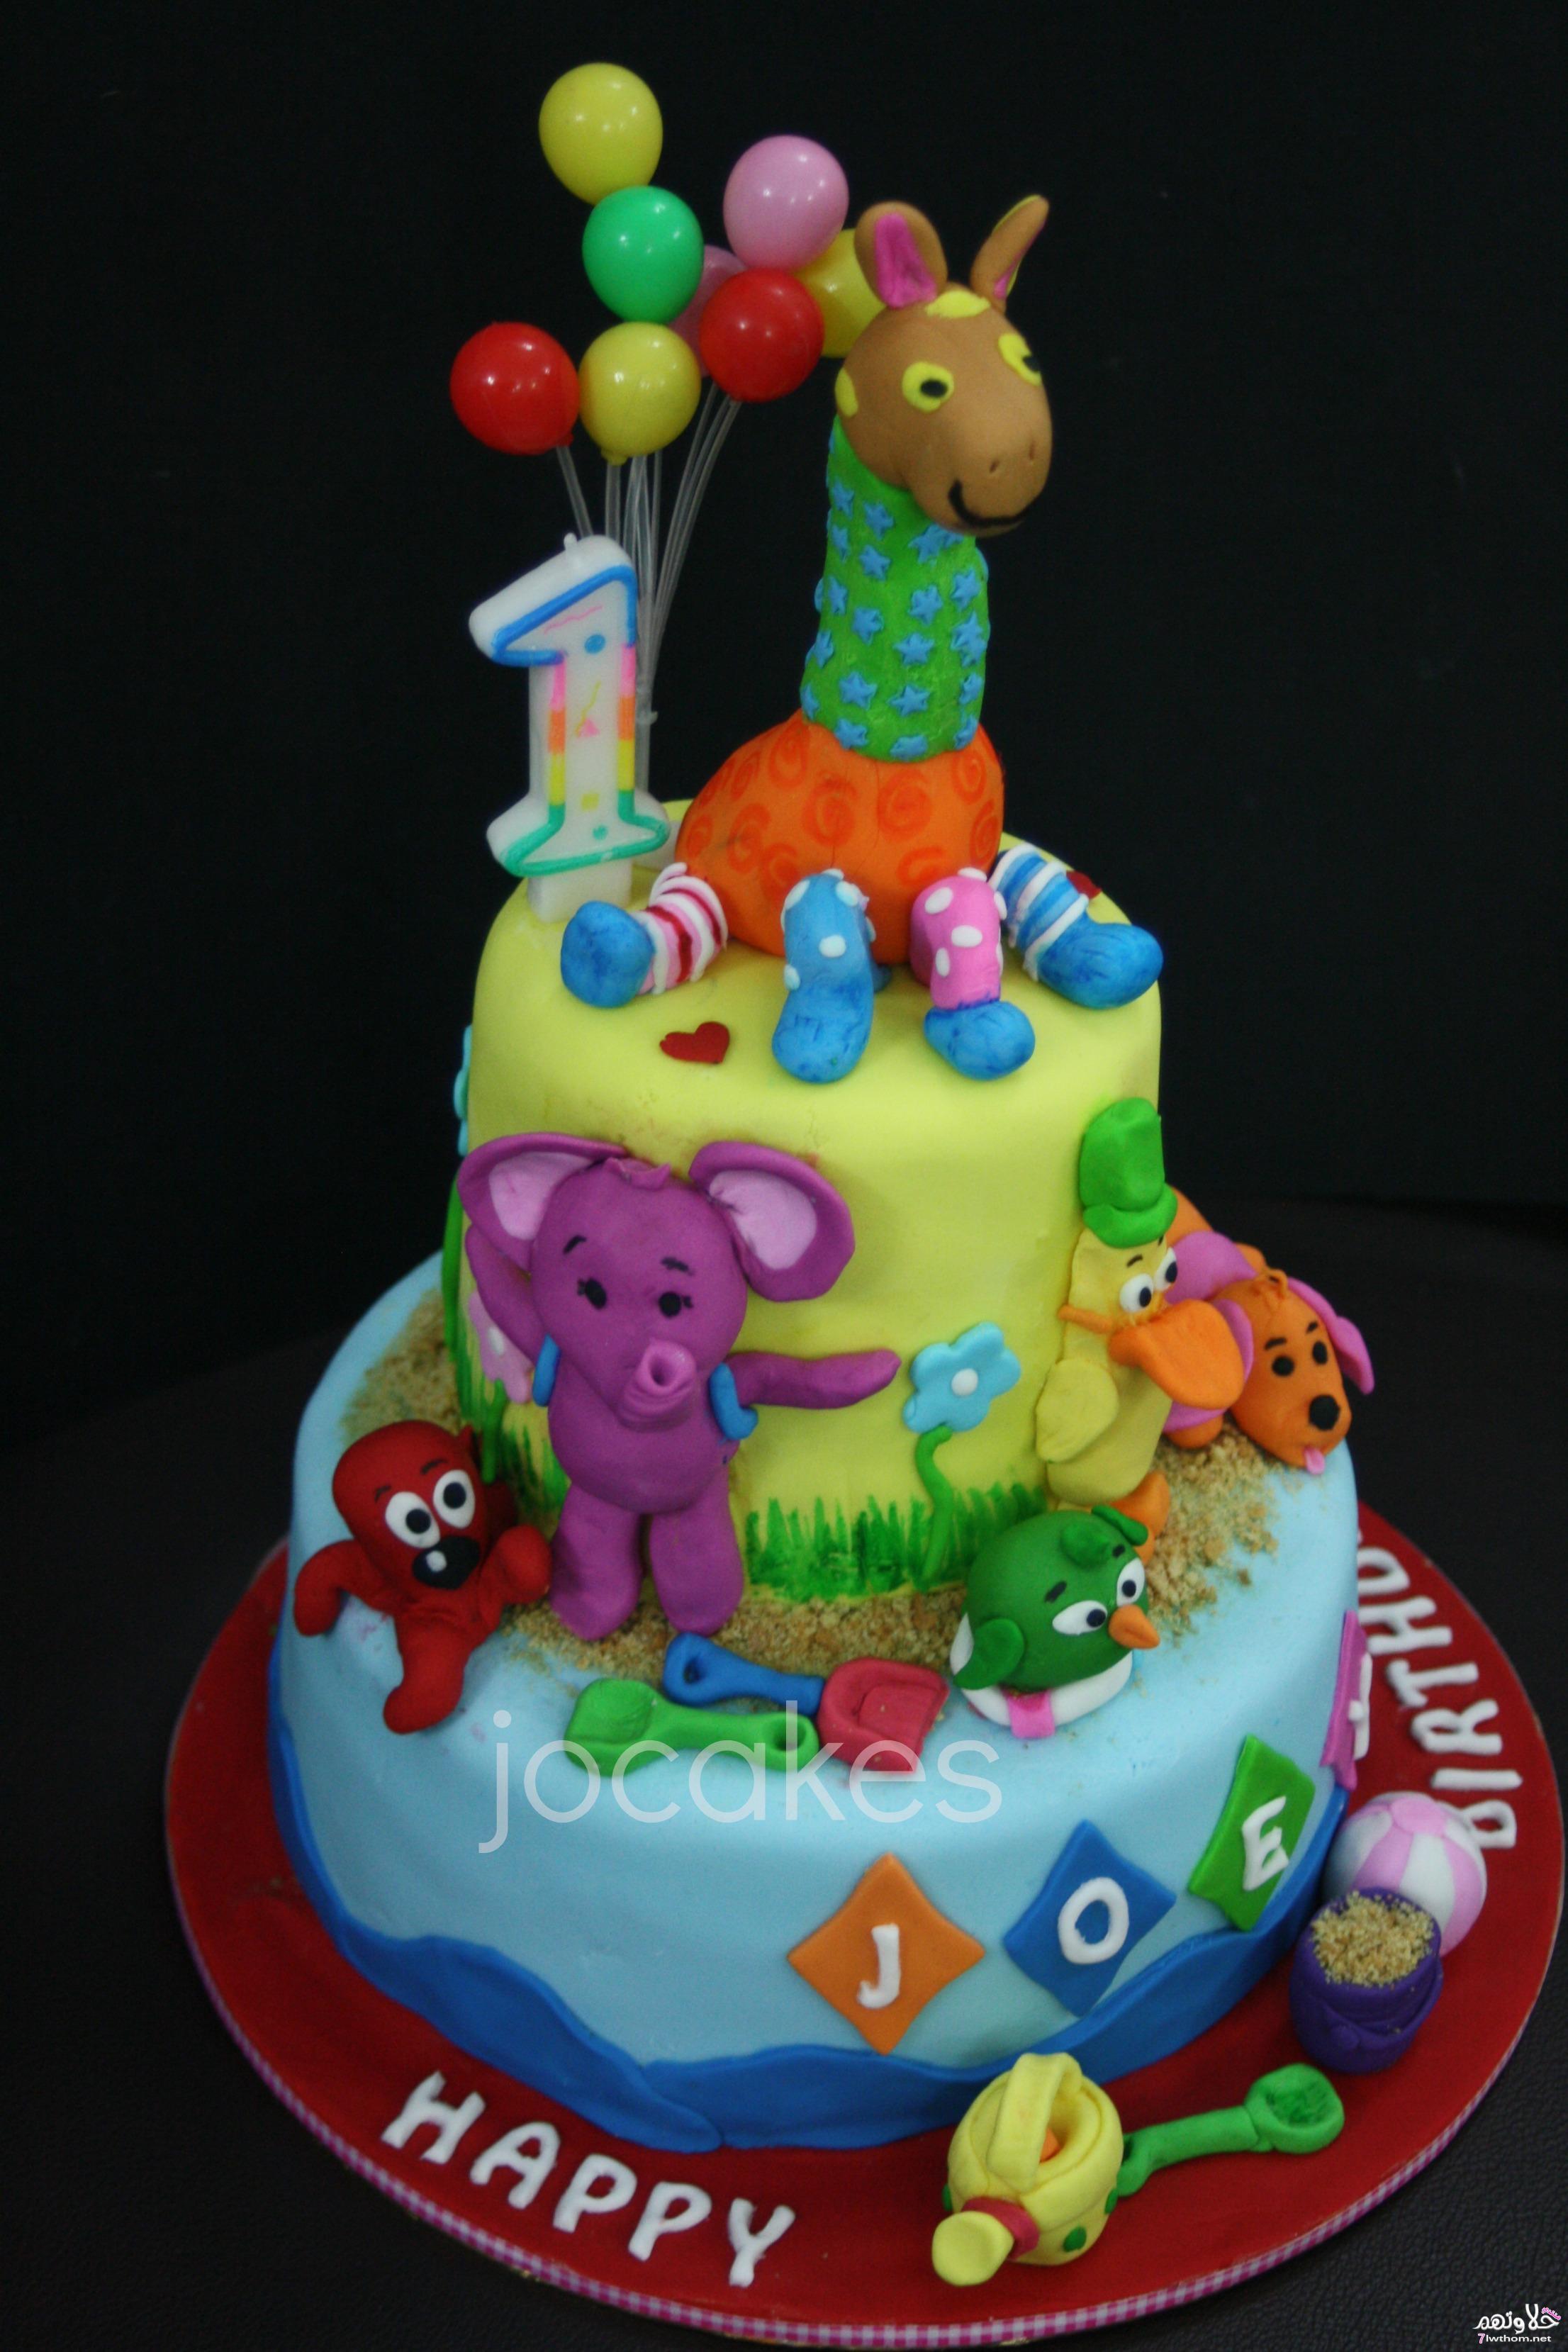 صورة اشكال تورتات اعياد ميلاد للاطفال